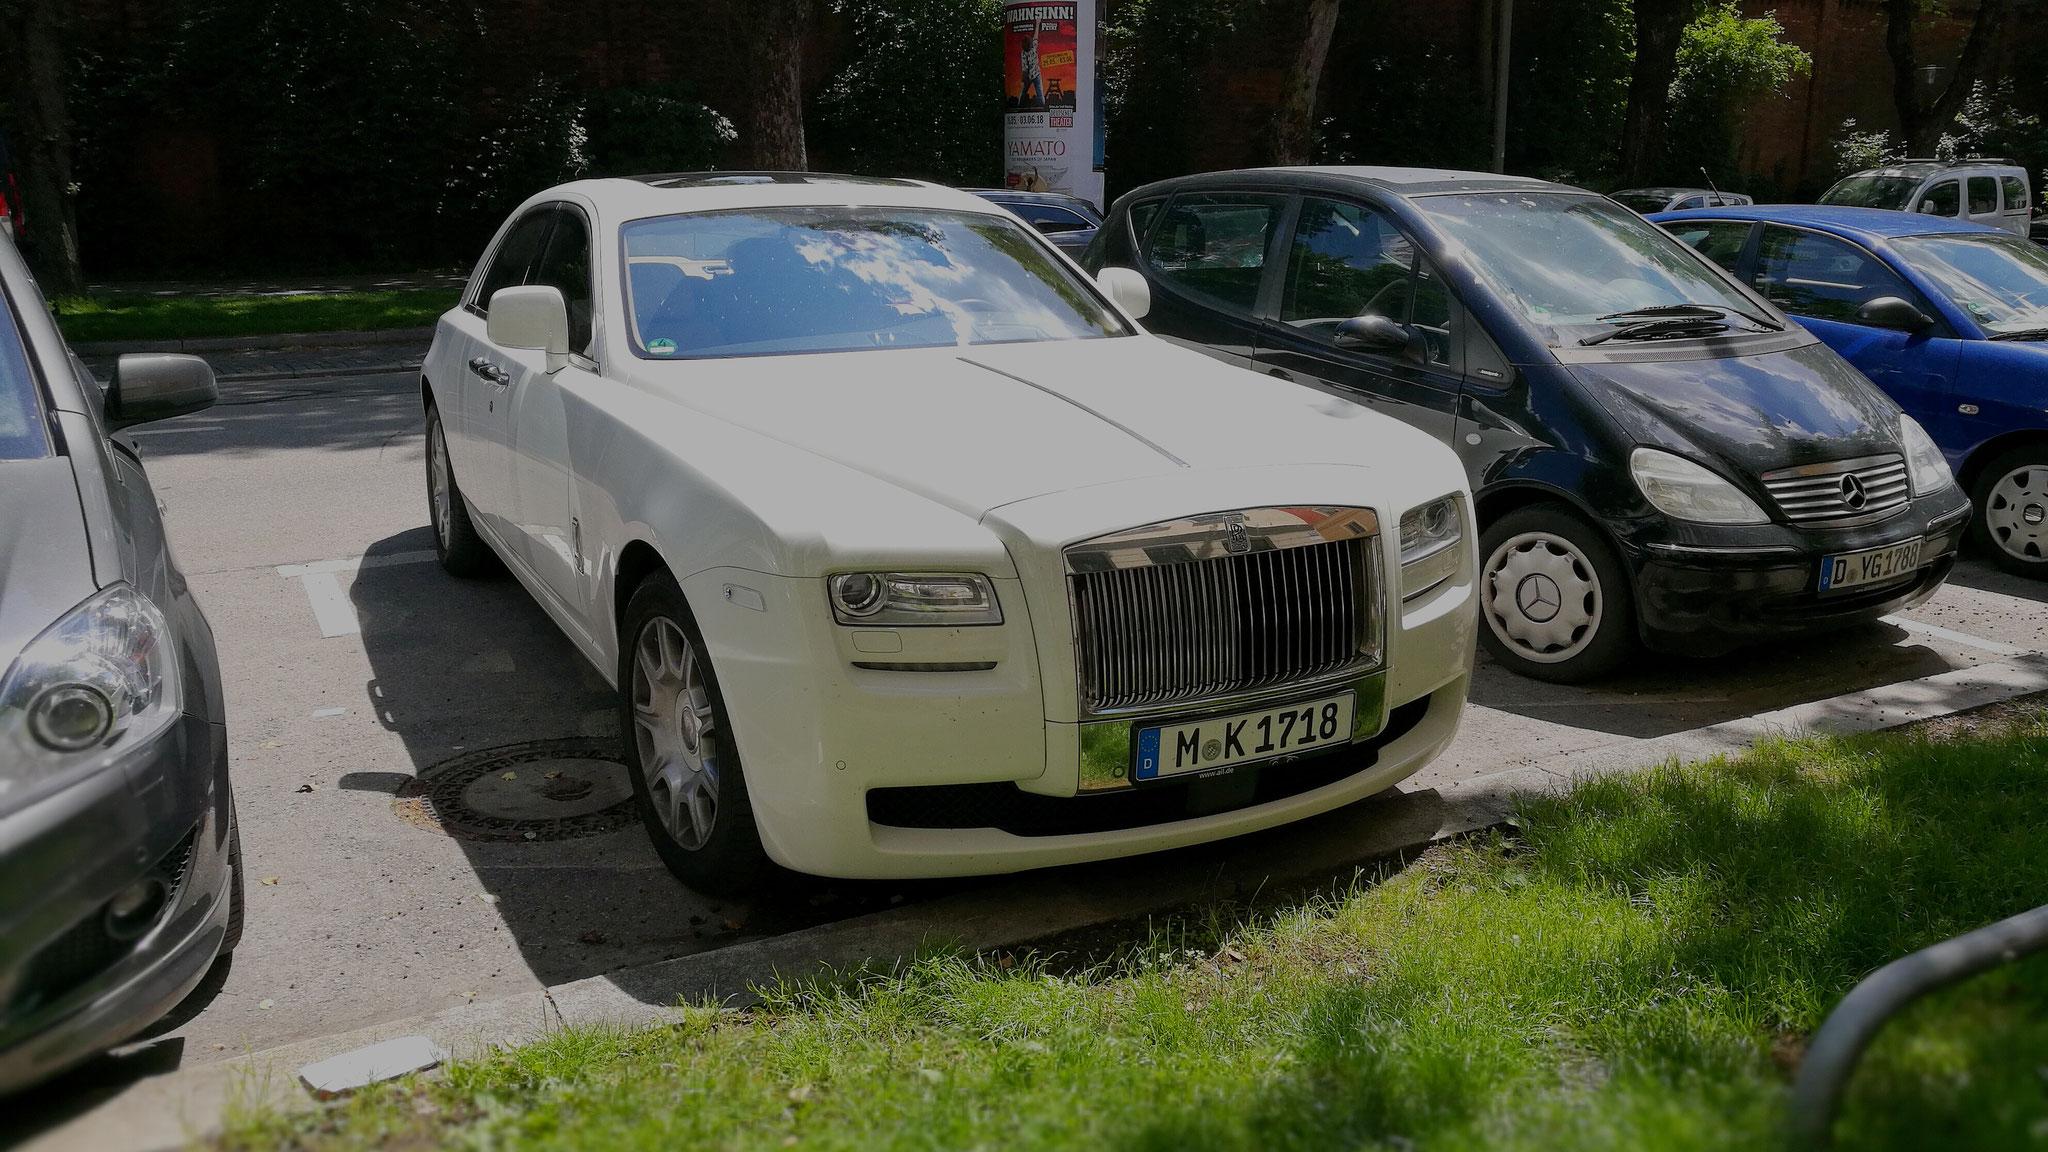 Rolls Royce Ghost - M-K-1718